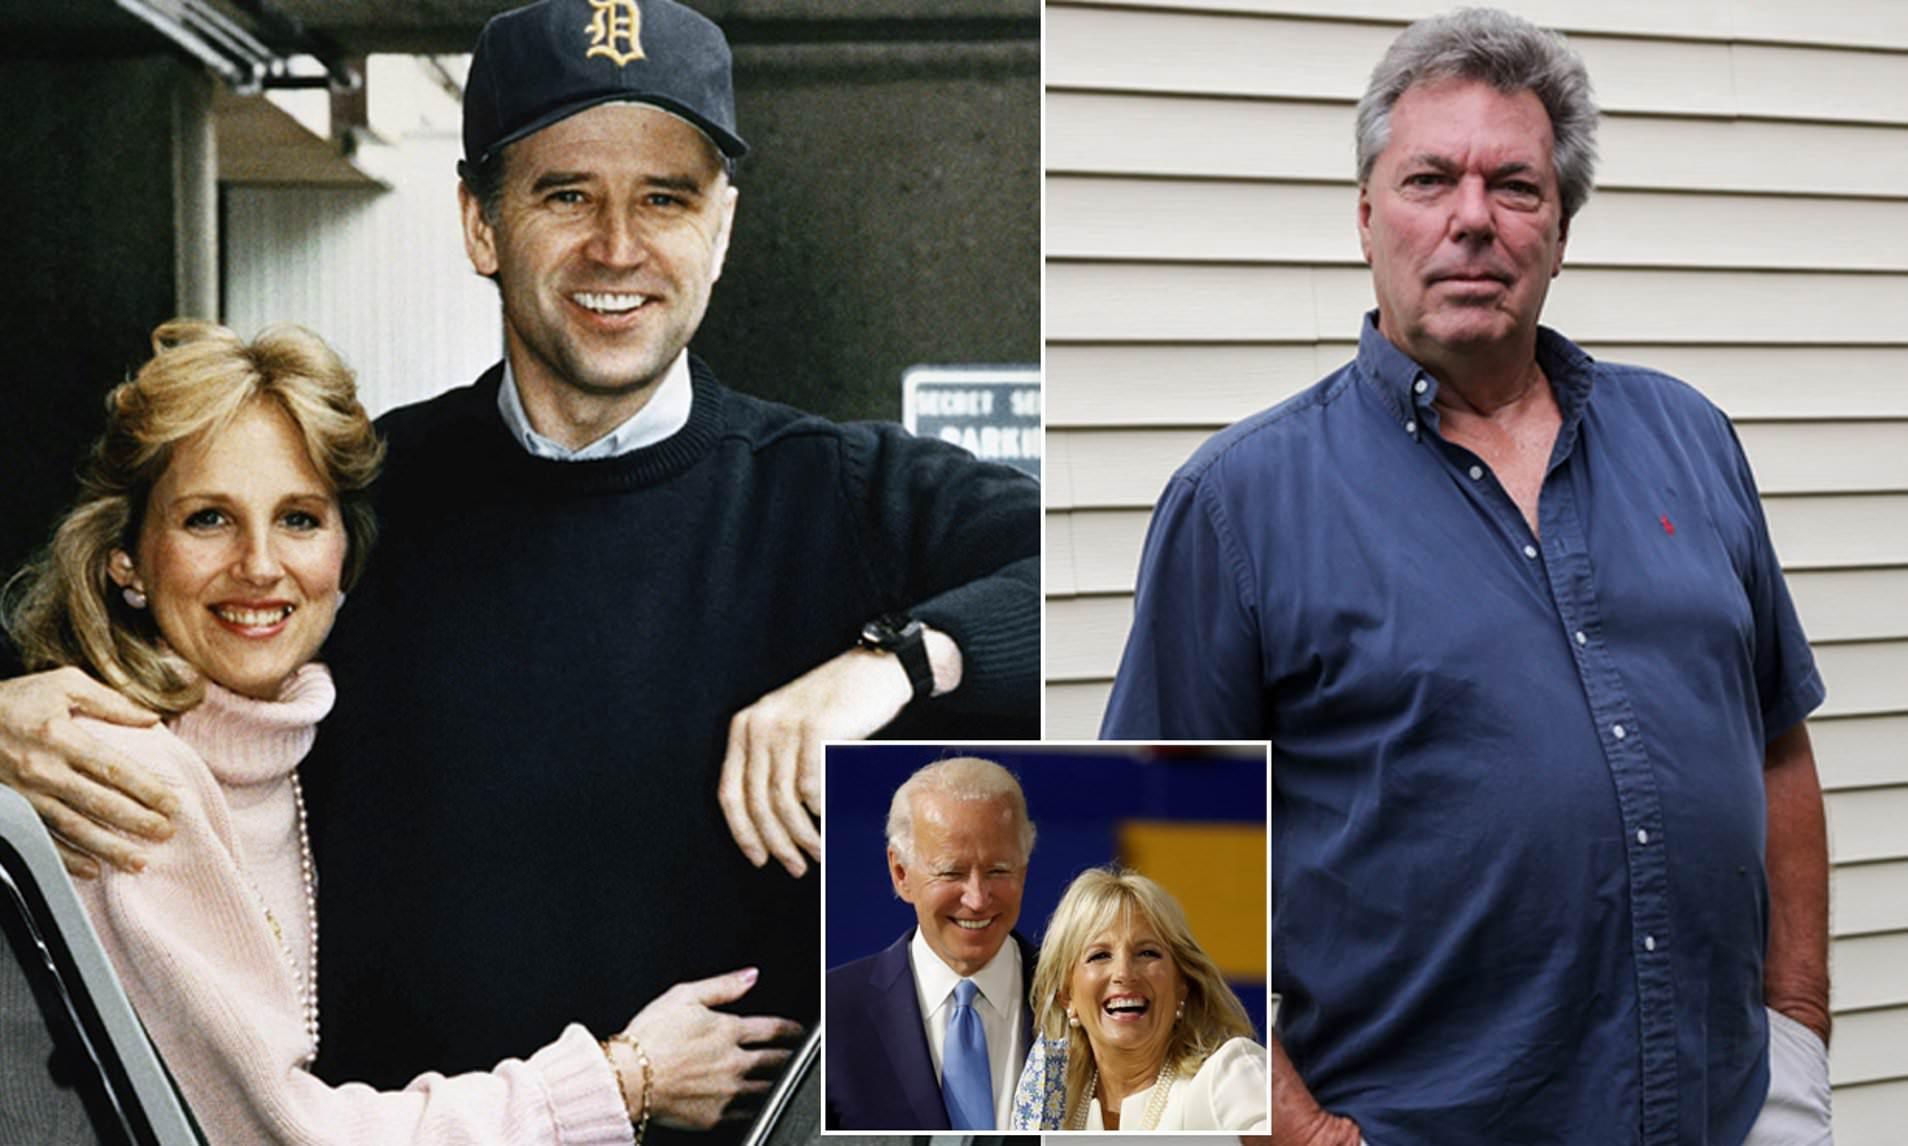 """Đại diện đảng Dân chủ Joe Biden bị chồng cũ của vợ chỉ trích """"giả tạo"""" - Ảnh 2"""